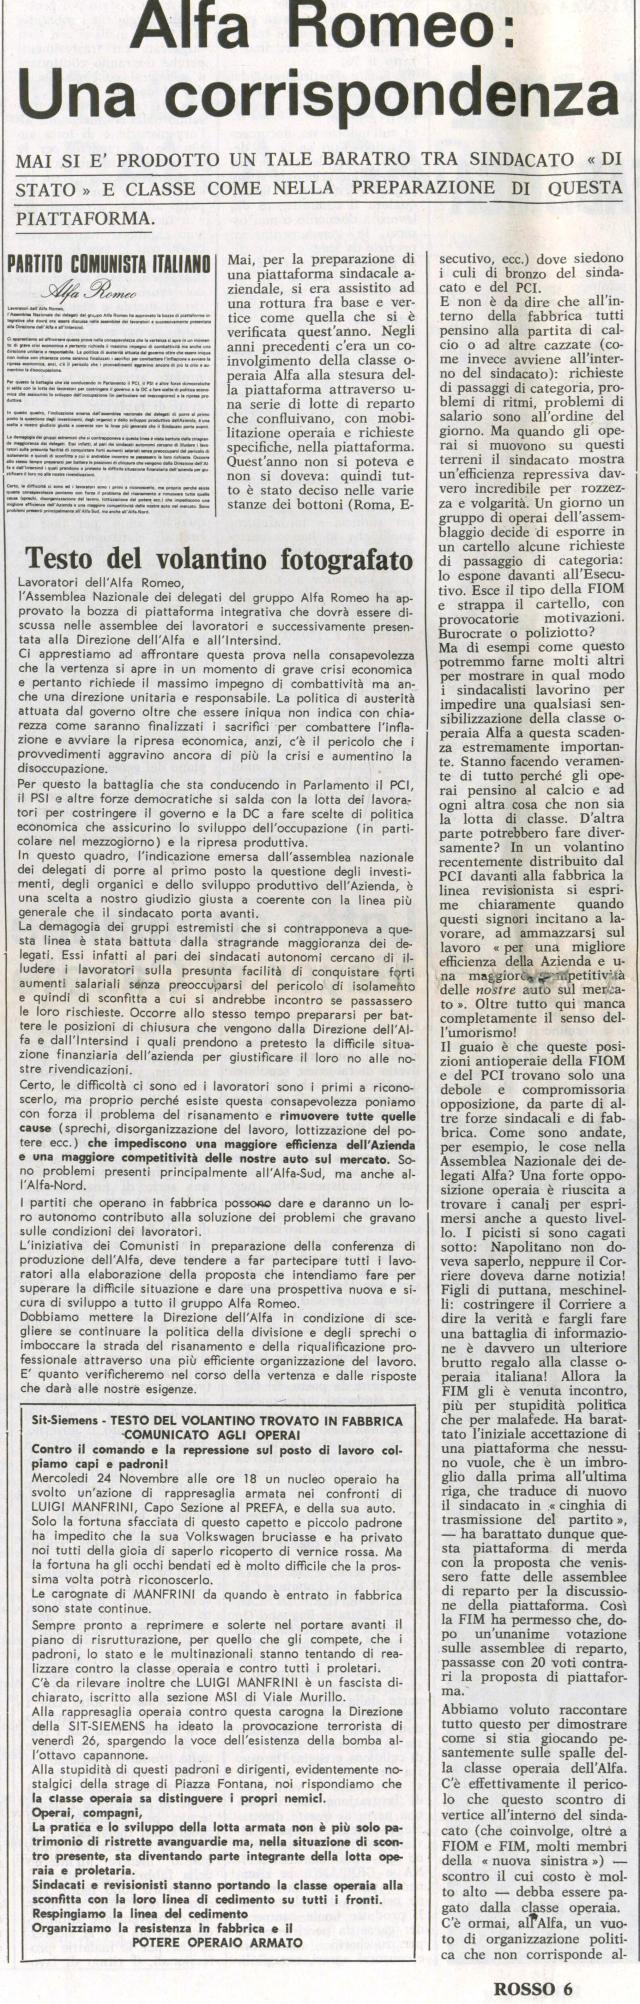 AlfaRossoA17Dic76